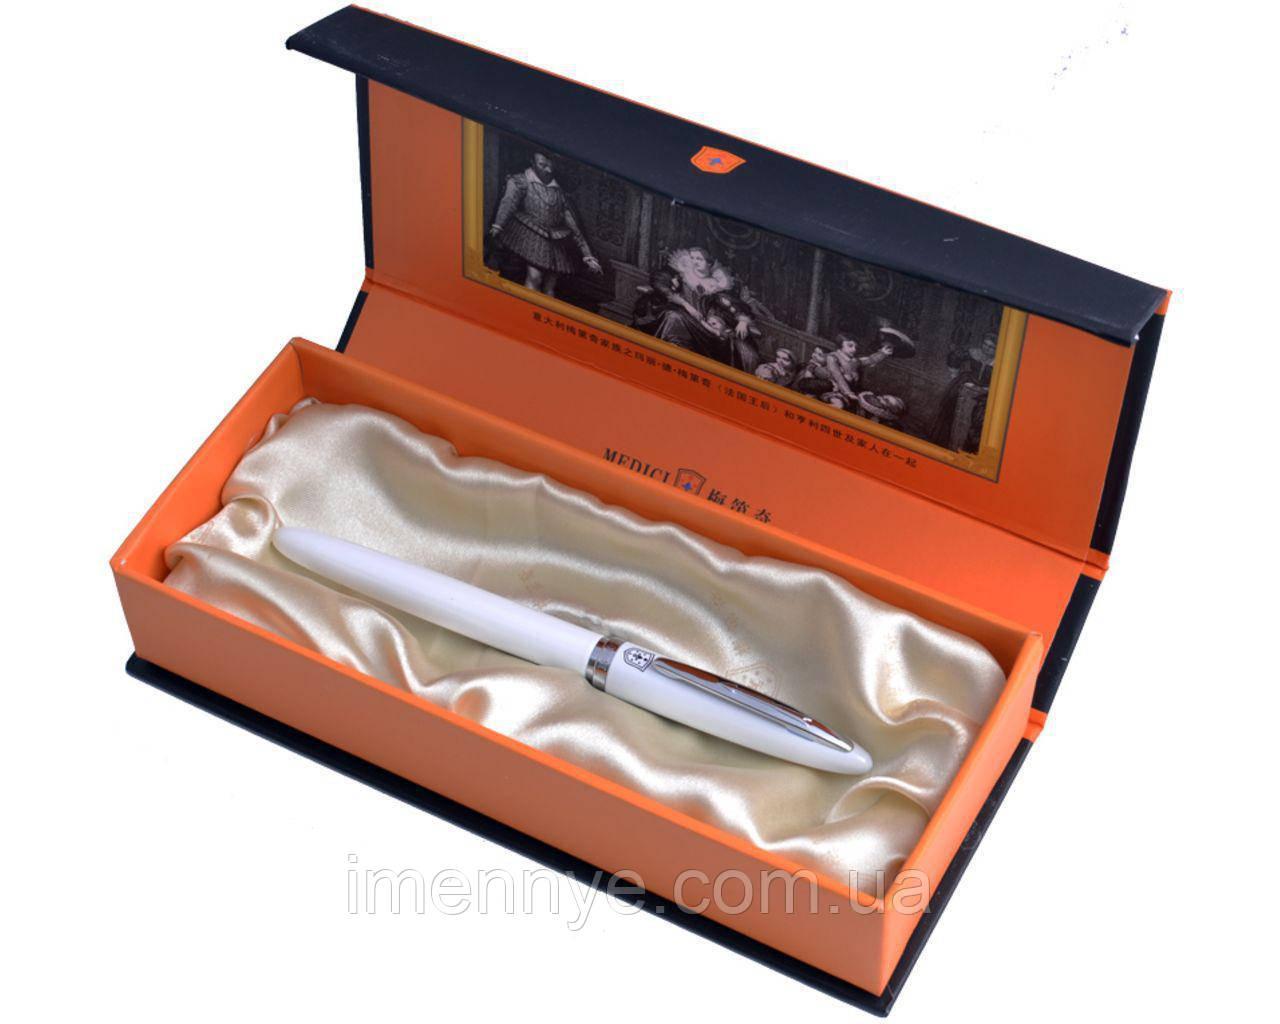 Подарочная ручка марки Medici